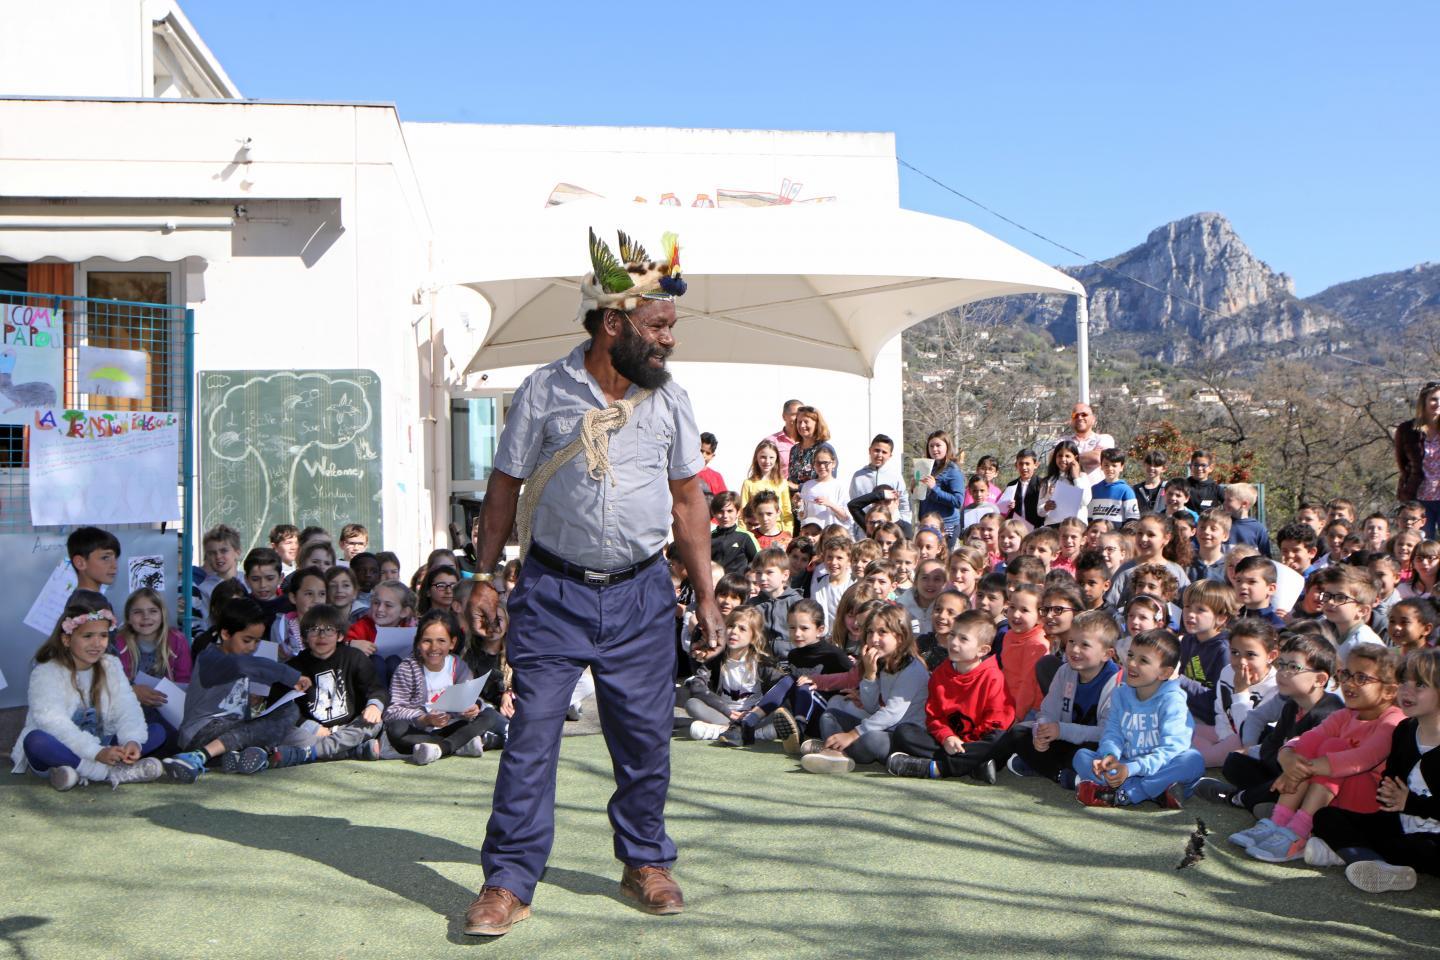 Mundiya Kepanga est arrivé au milieu de tous les élèves de l'école du Suve, impatients de l'écouter et surtout intrigués par ce personnage venant de l'autre côté du globe et portant une coiffe de plumes.